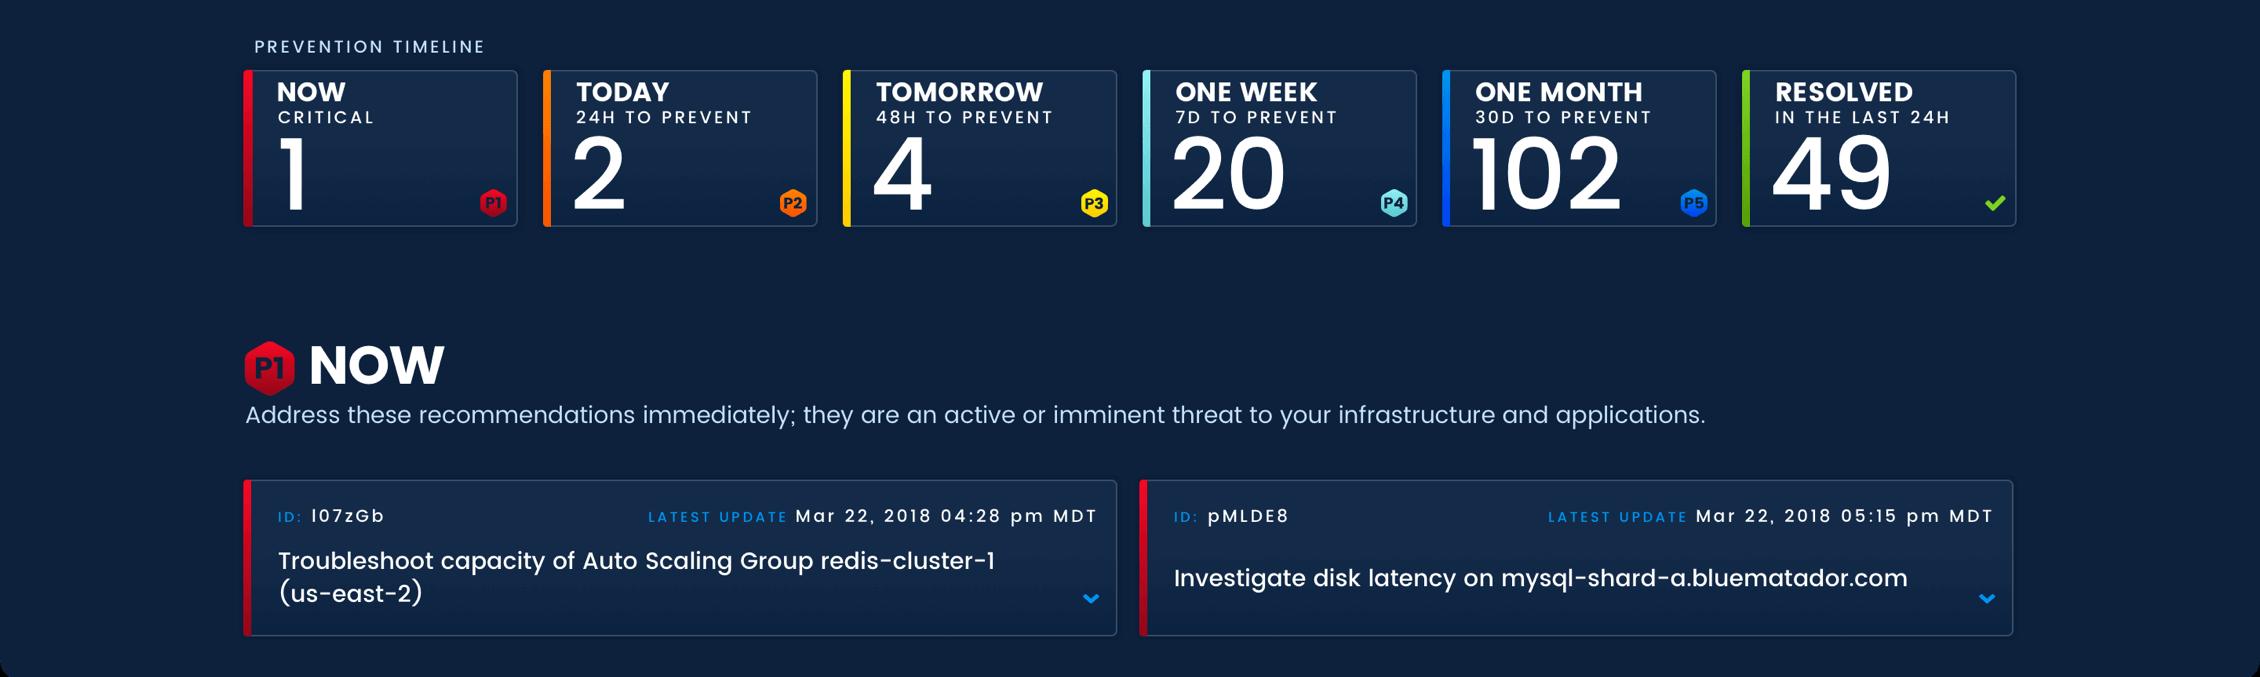 Prevention Timeline Screenshot